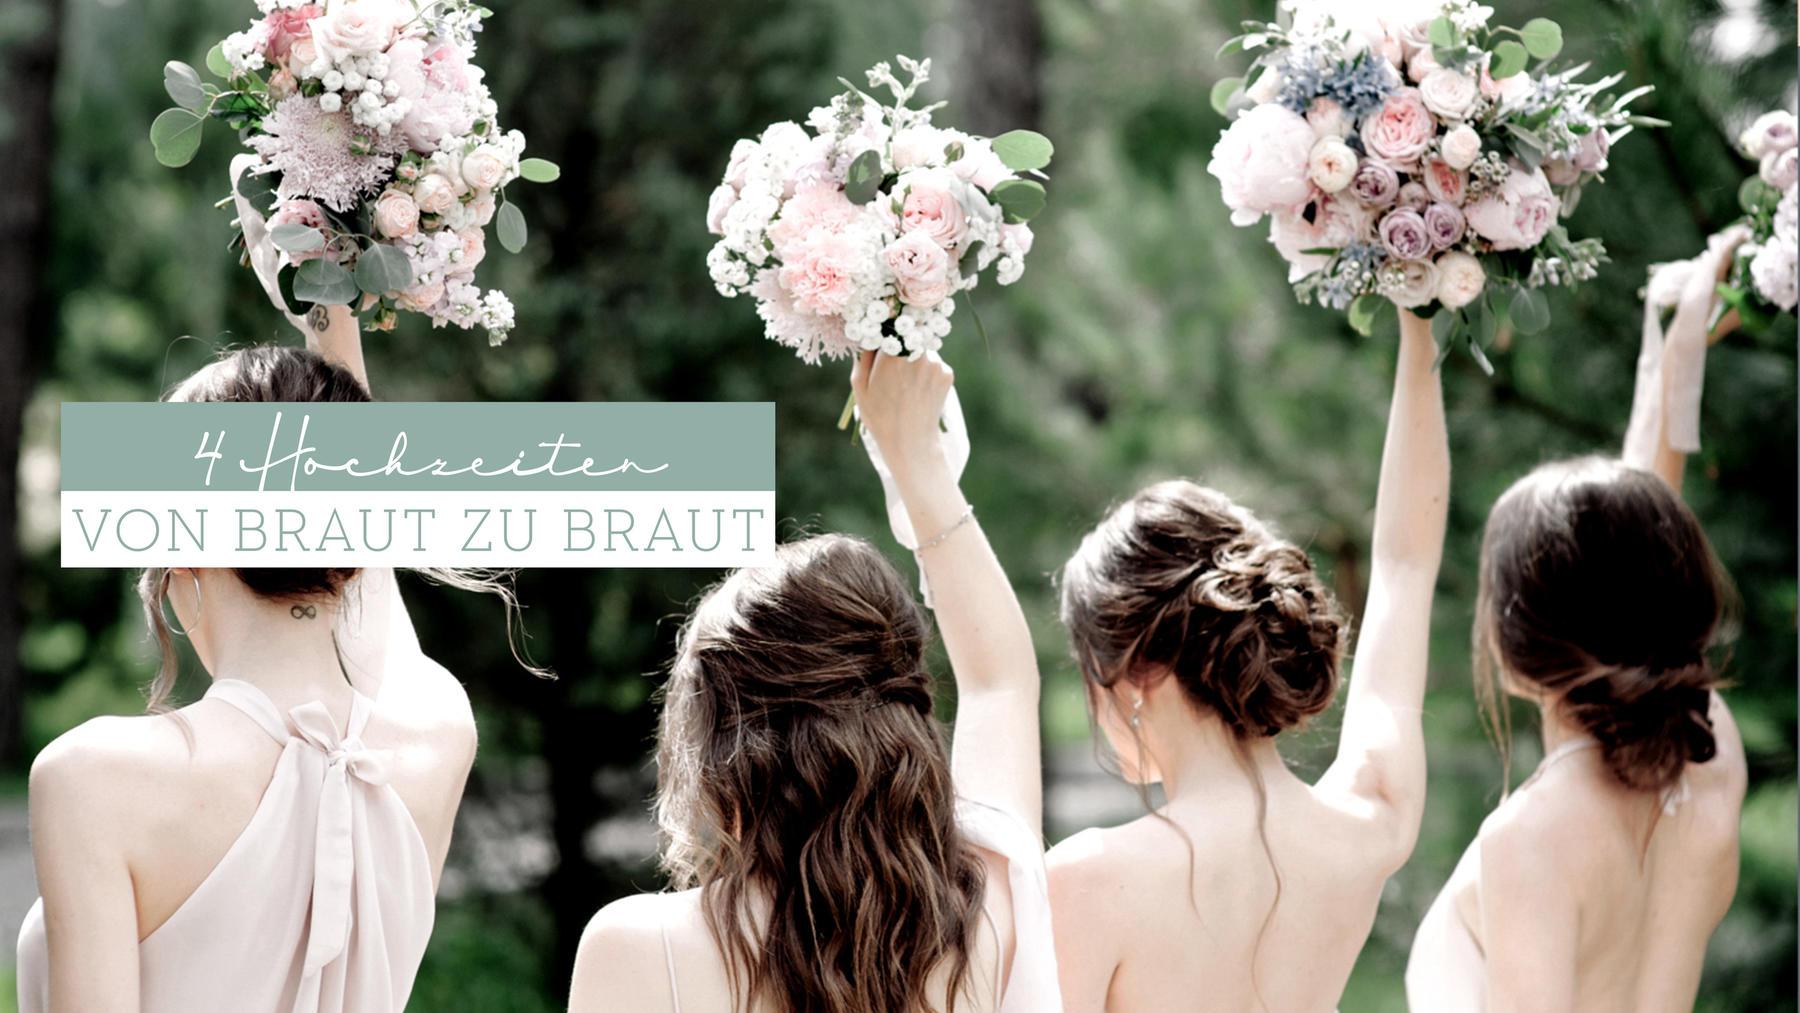 4 Hochzeiten - Von Braut zu Braut